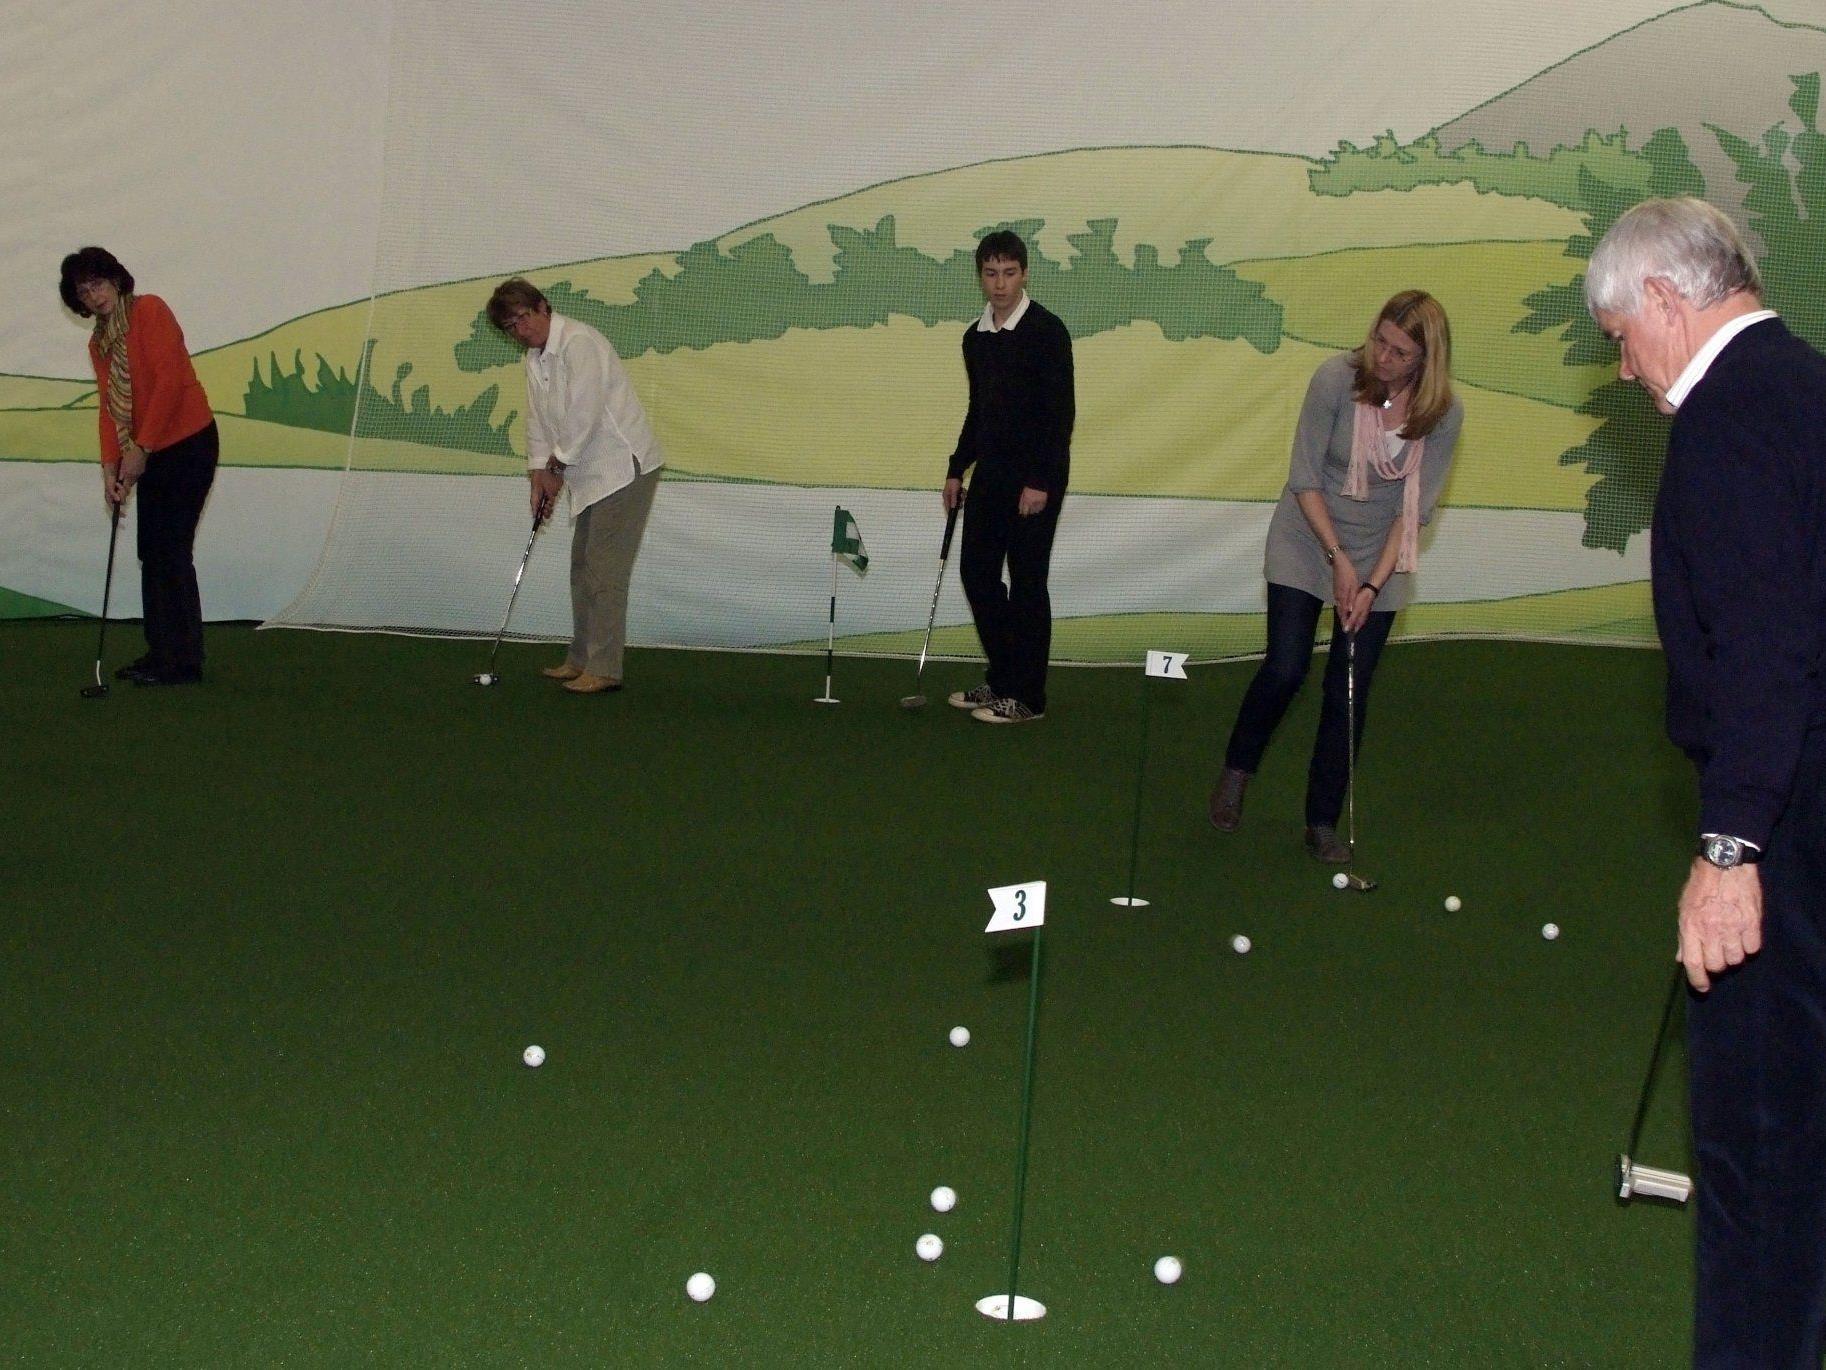 Toni Mathis gab im Indoor-Golfstudio Anleitungen zu konzentrierterem Golfspiel.